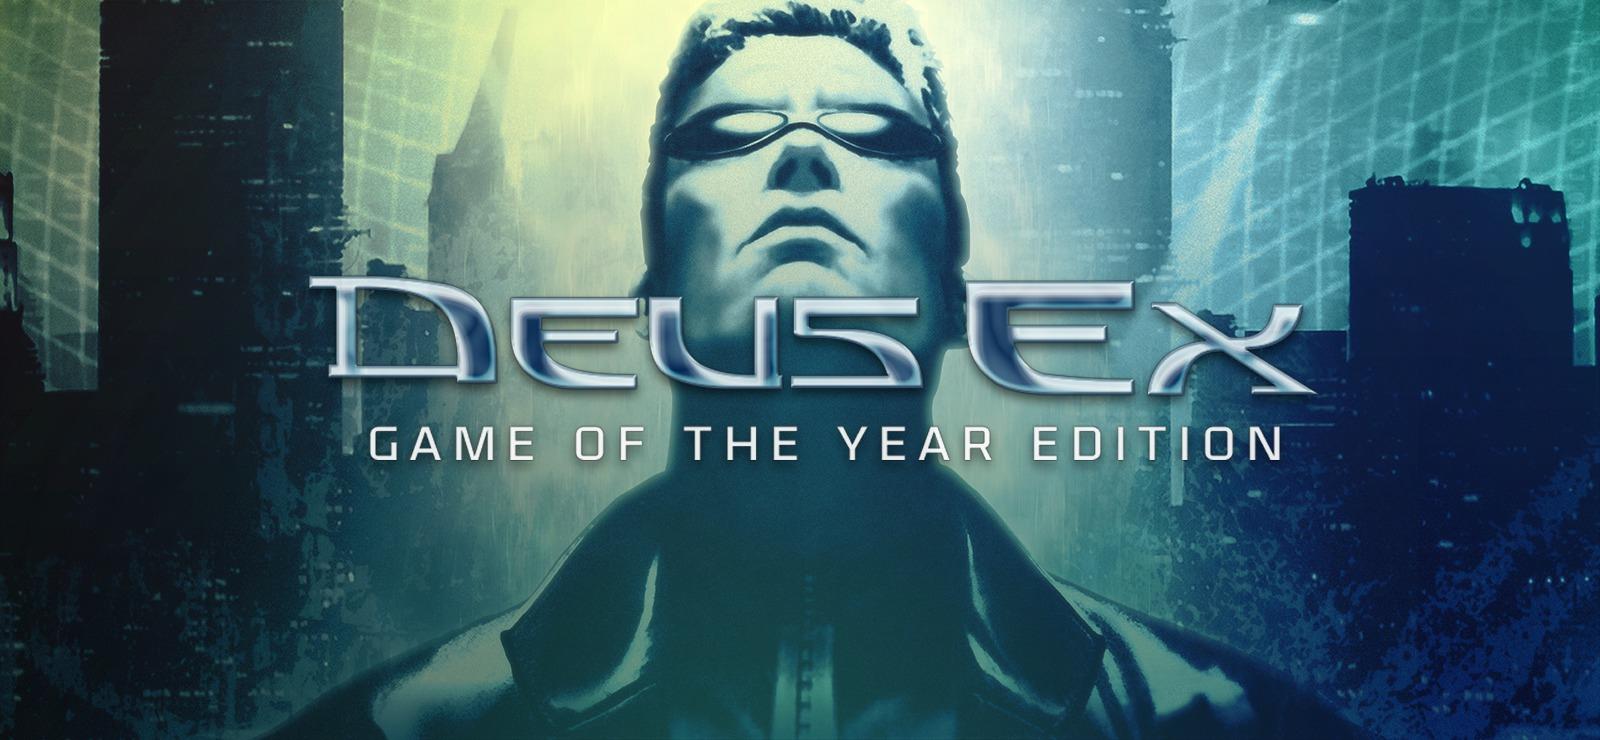 [GOG.com] Deus Ex GOTY Edition (Windows)